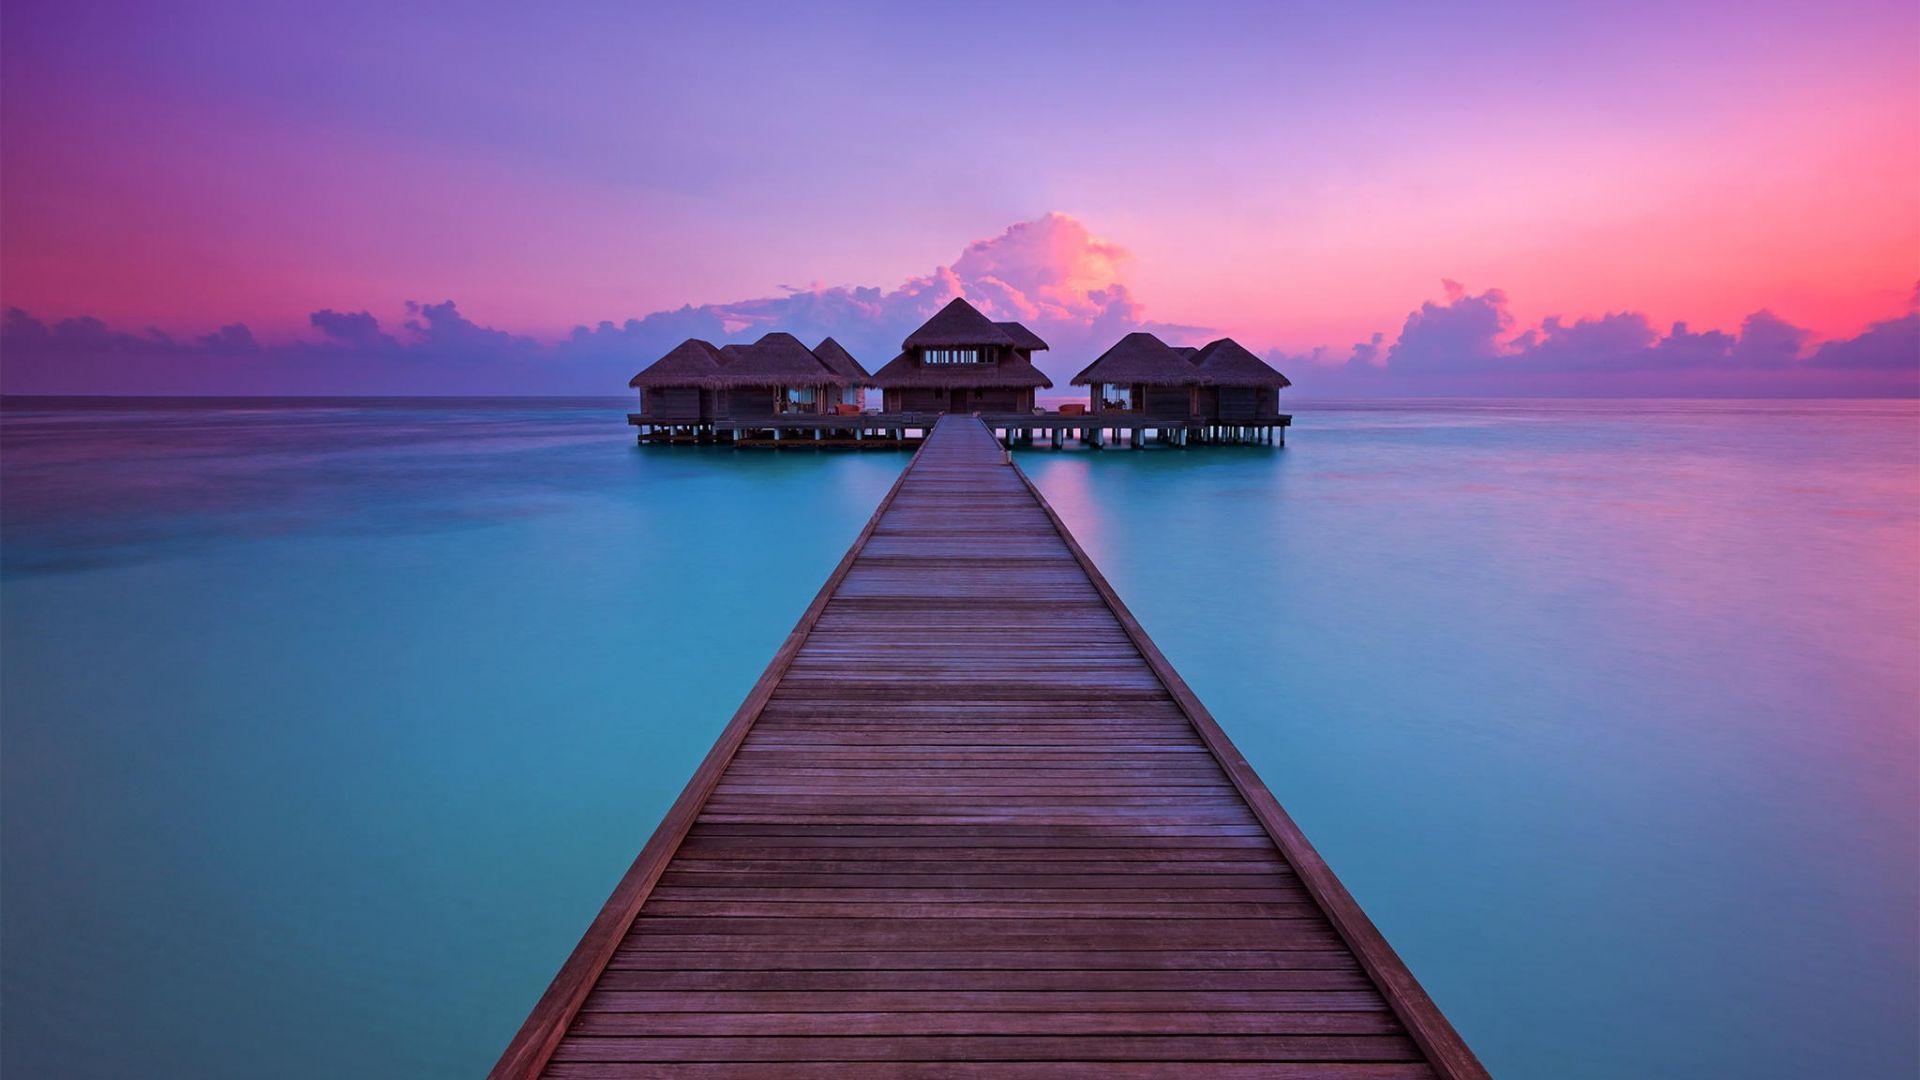 Maldives Sunset Wallpapers - Top Free Maldives Sunset ...